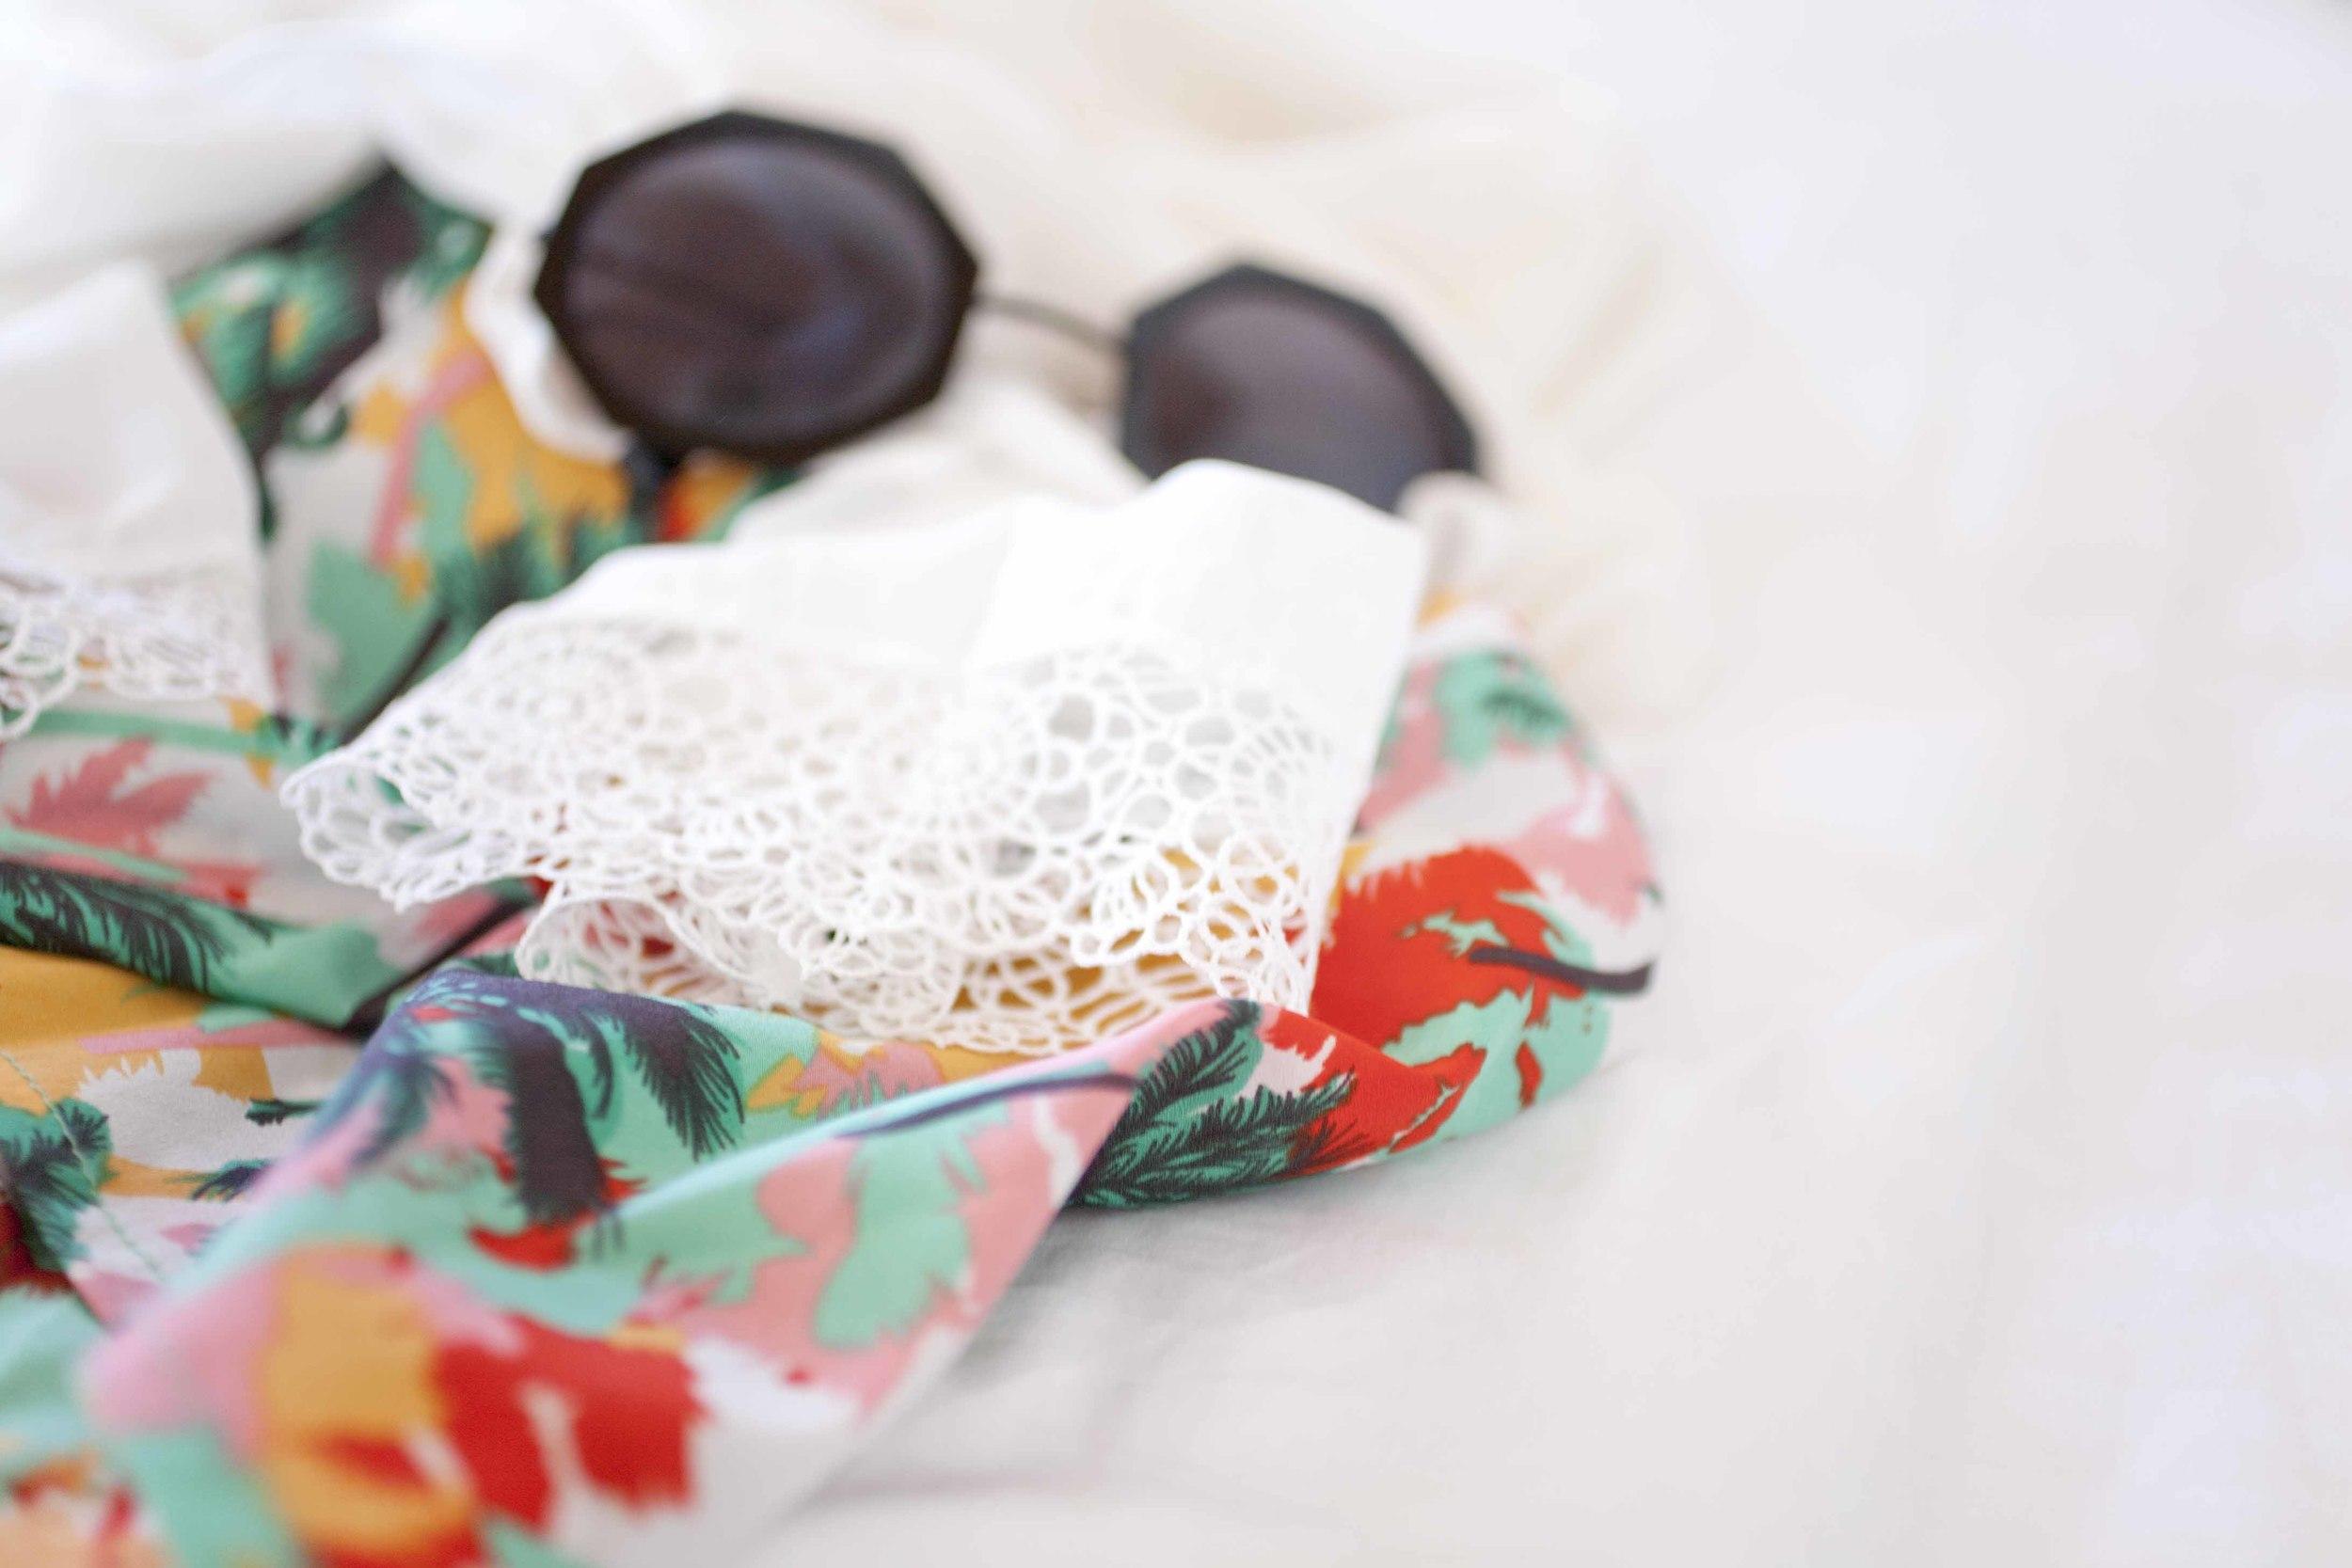 Alsol Del Mar by ARIANA CLARE.jpg